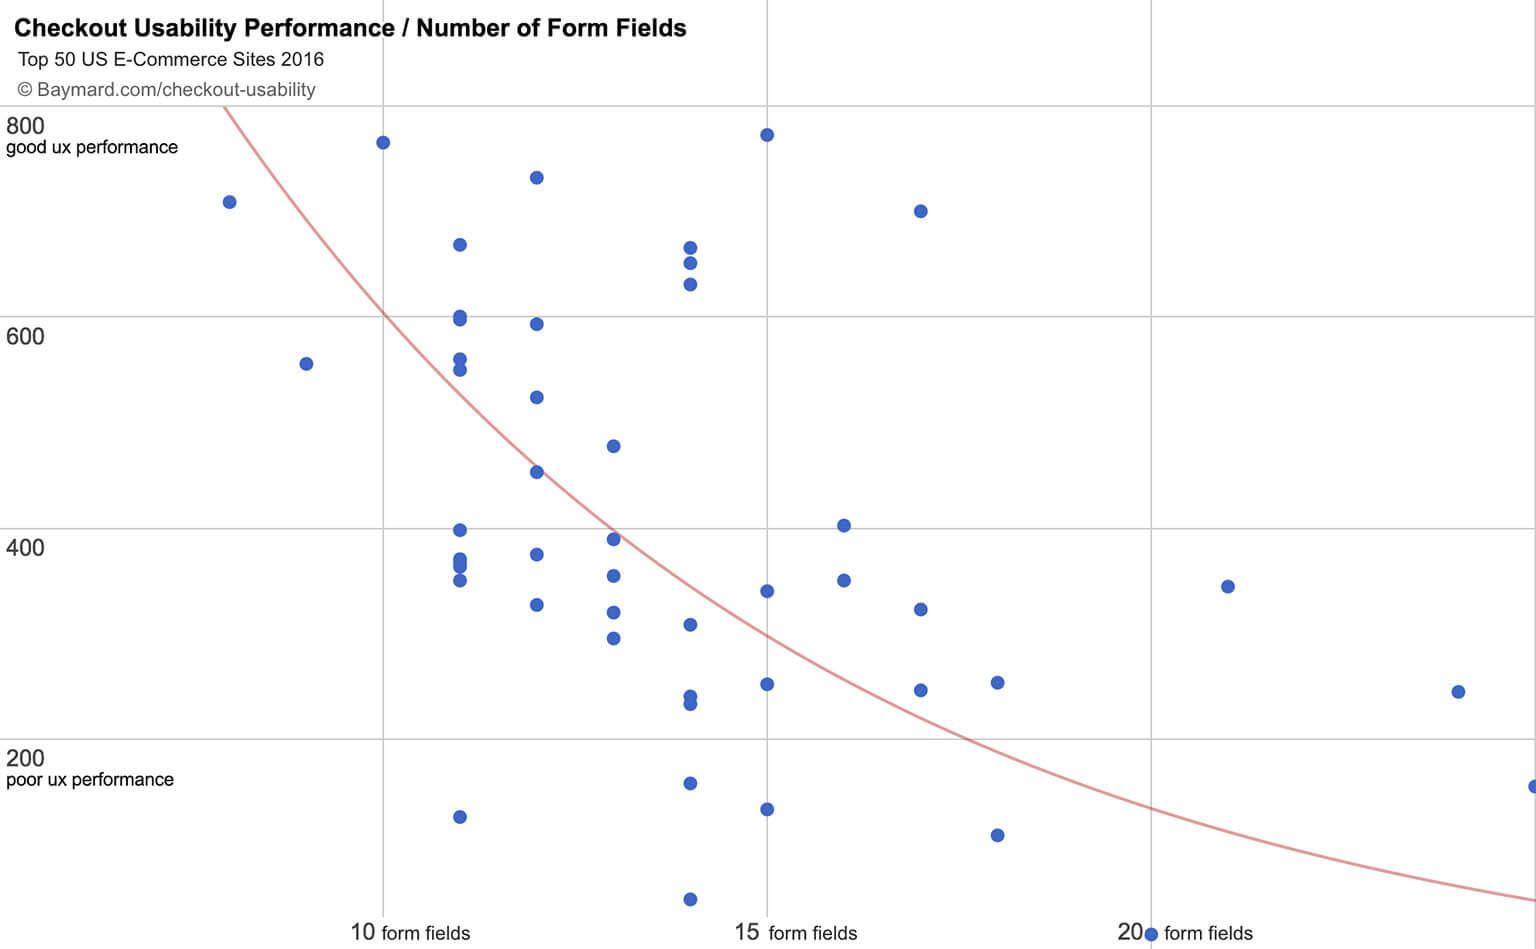 analyse de l'impact de l'UX et des champs de formulaire sur le taux de conversion client